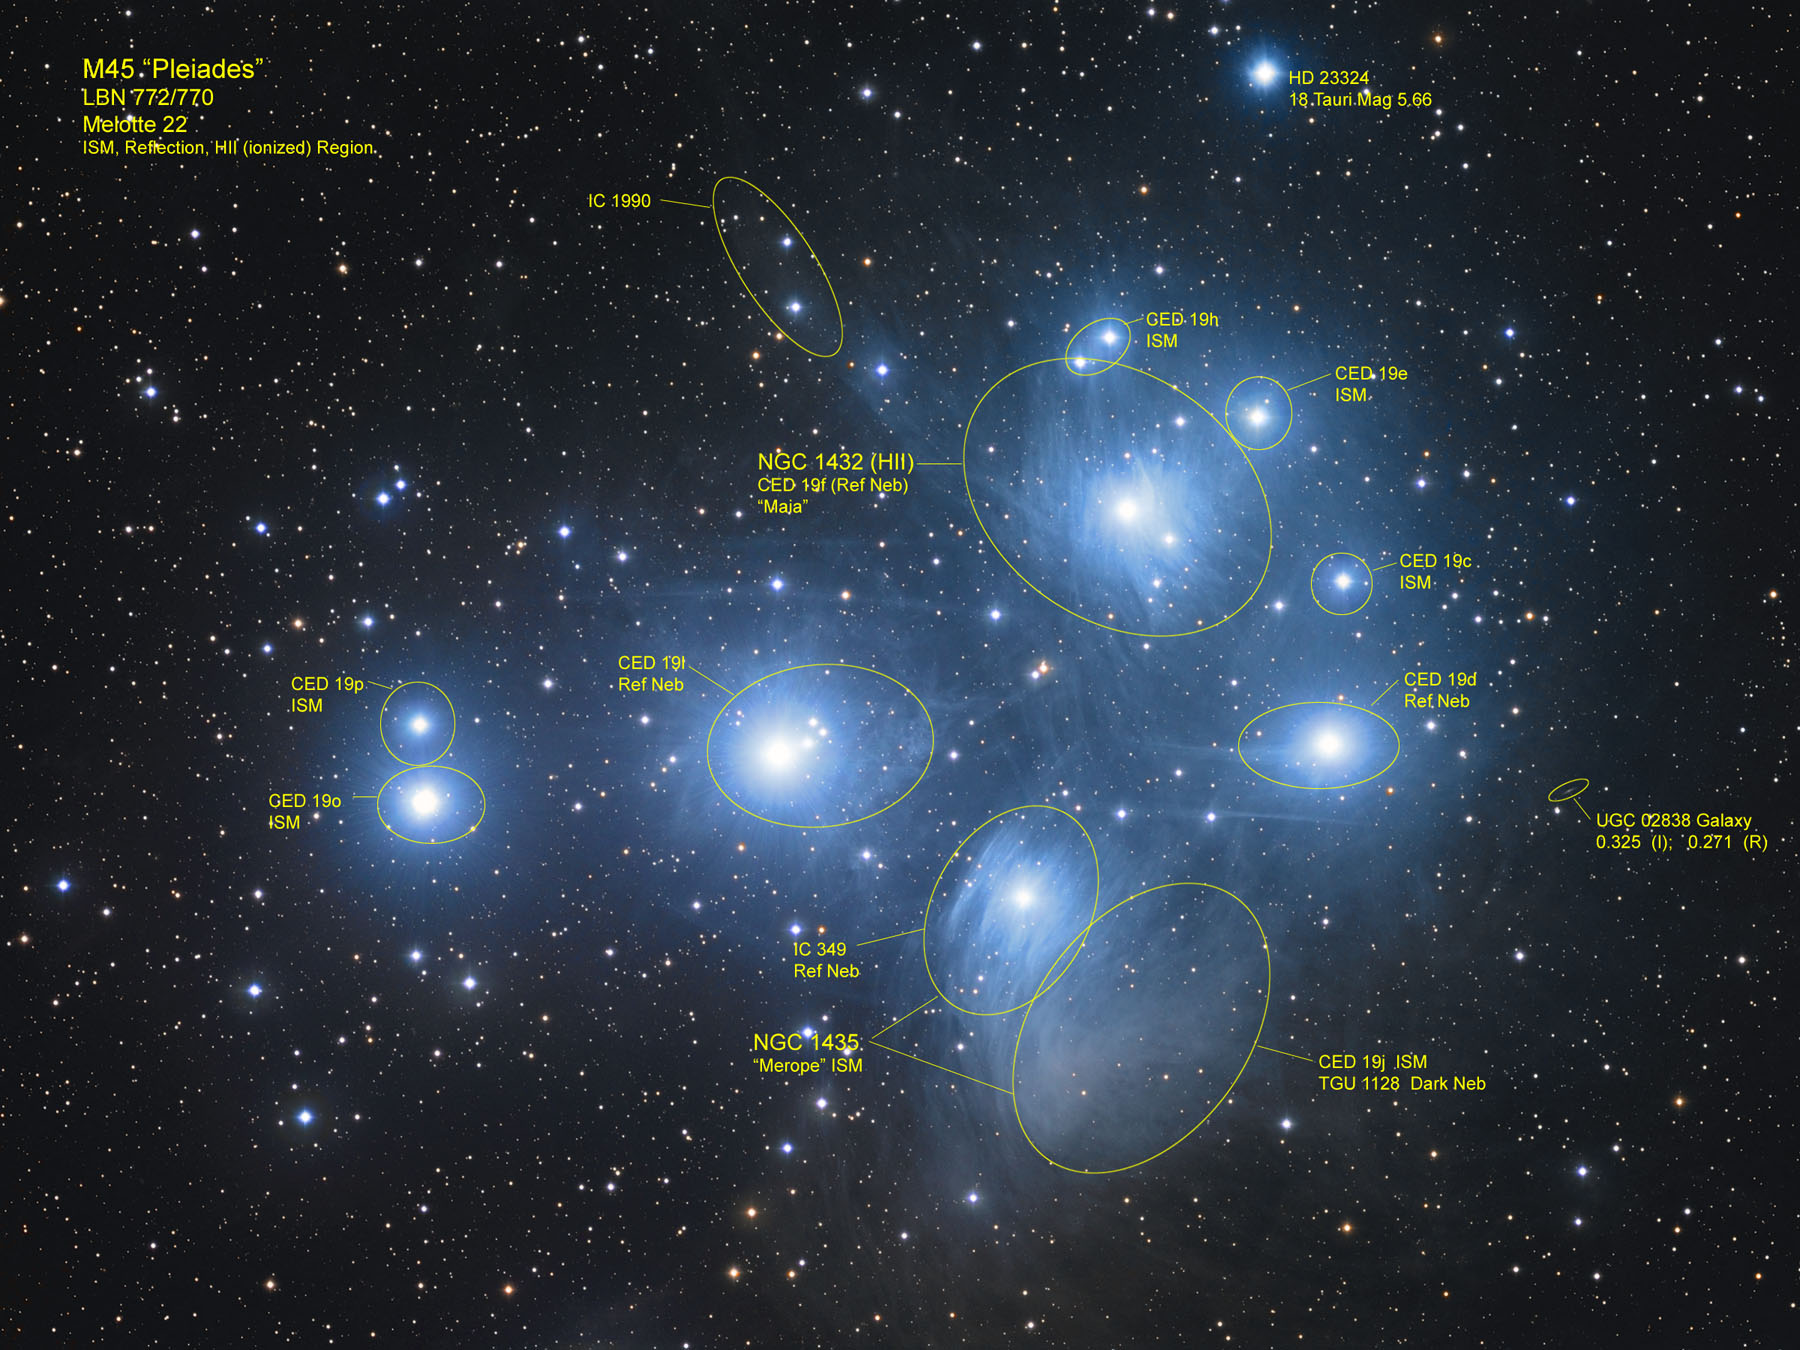 M45 Pleiades in Taurus.